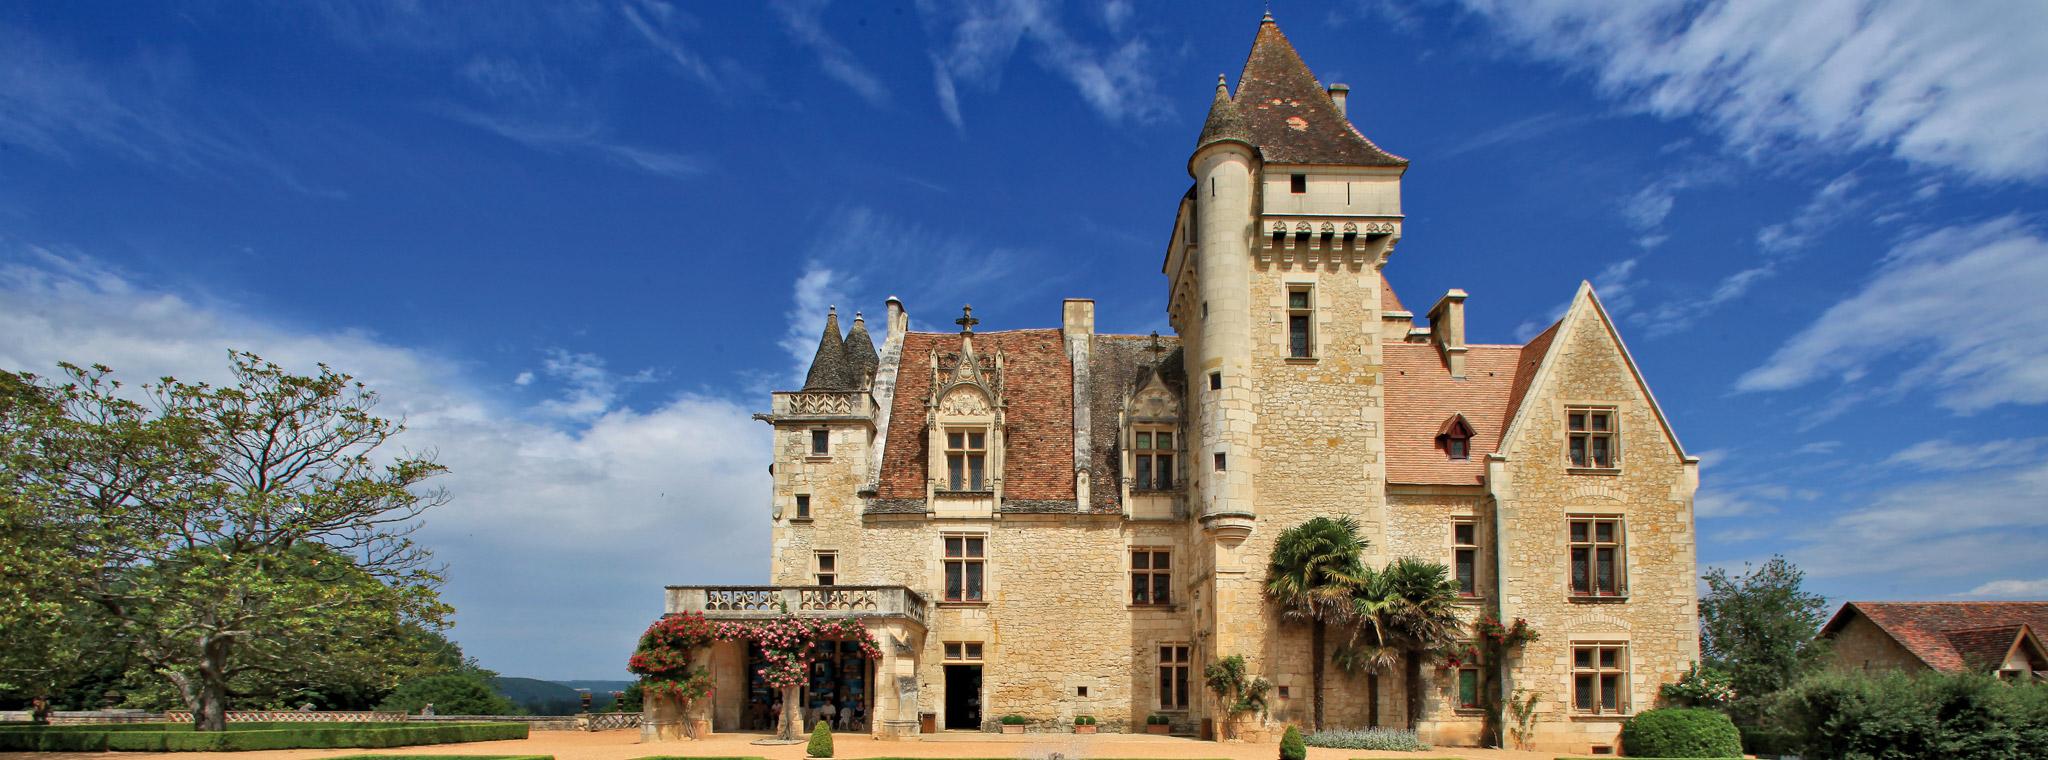 Ch teau des milandes le ch teau - Demeure de charme dom architecture ...